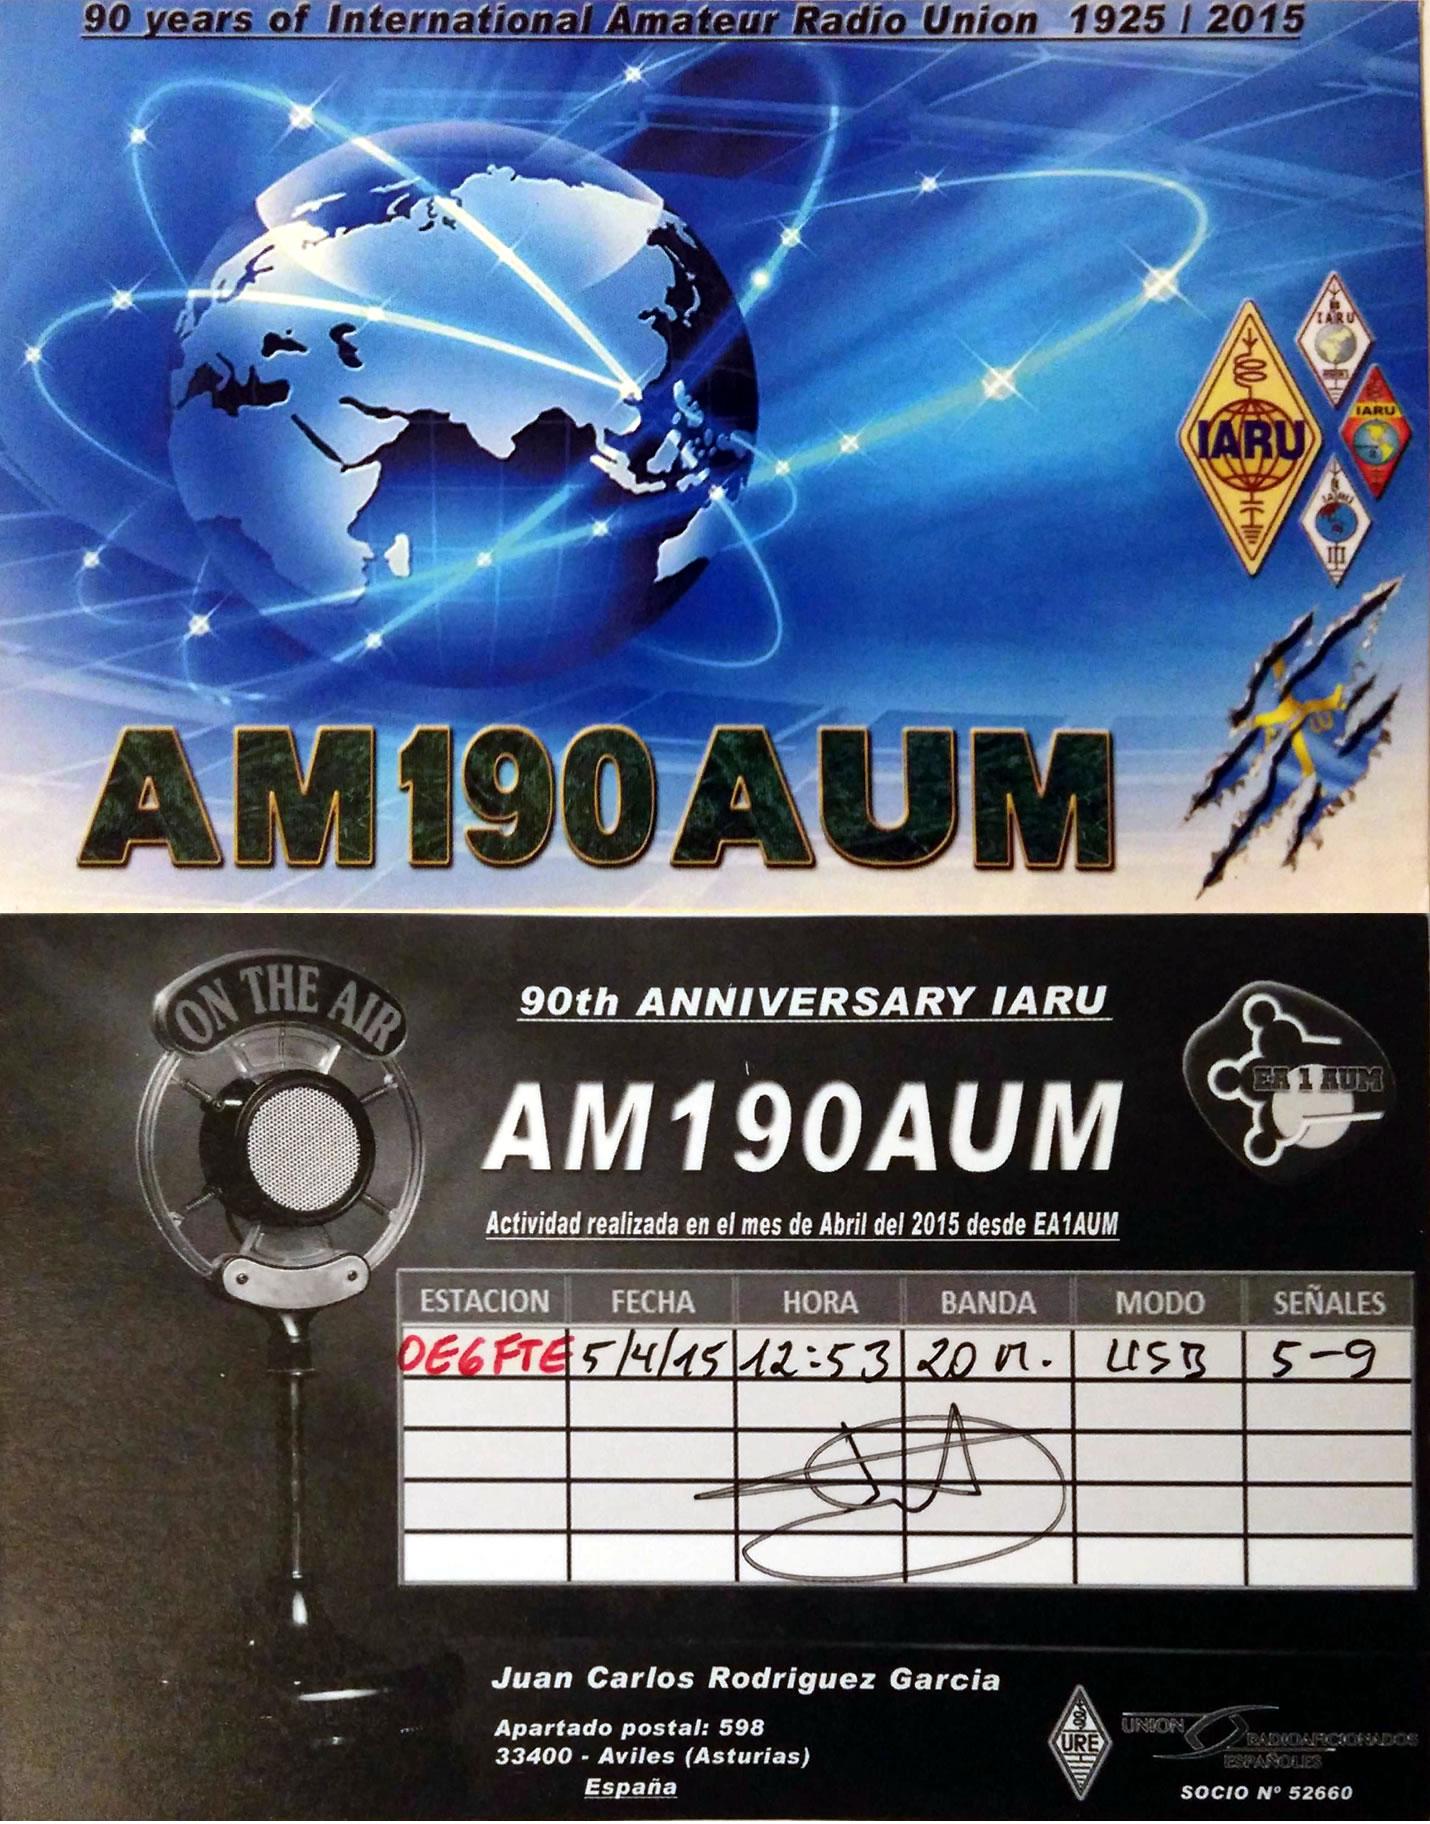 AM190AUM